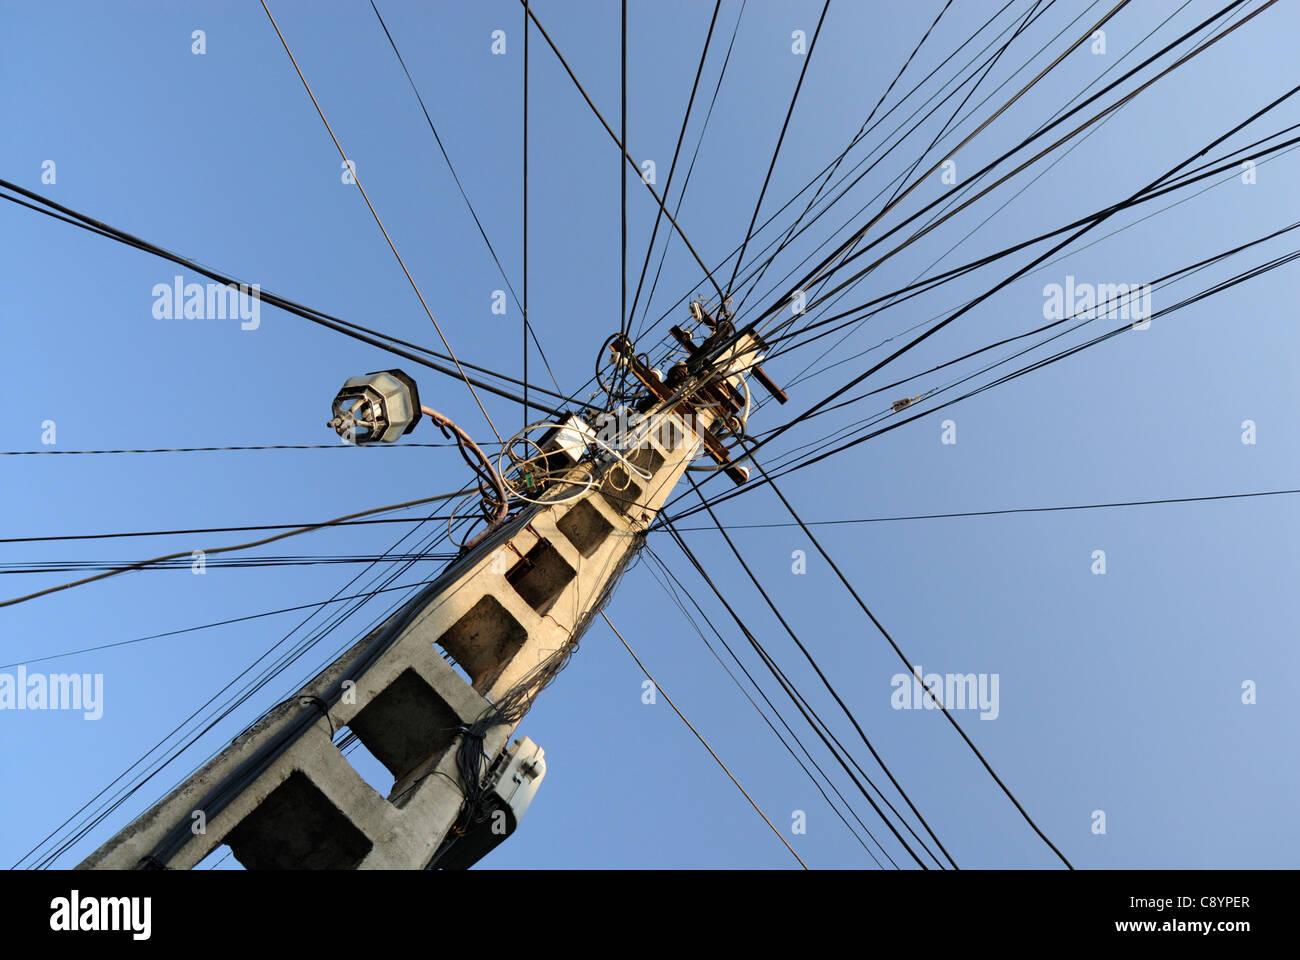 Ziemlich Elektrische Verdrahtungsbilder Zeitgenössisch - Elektrische ...